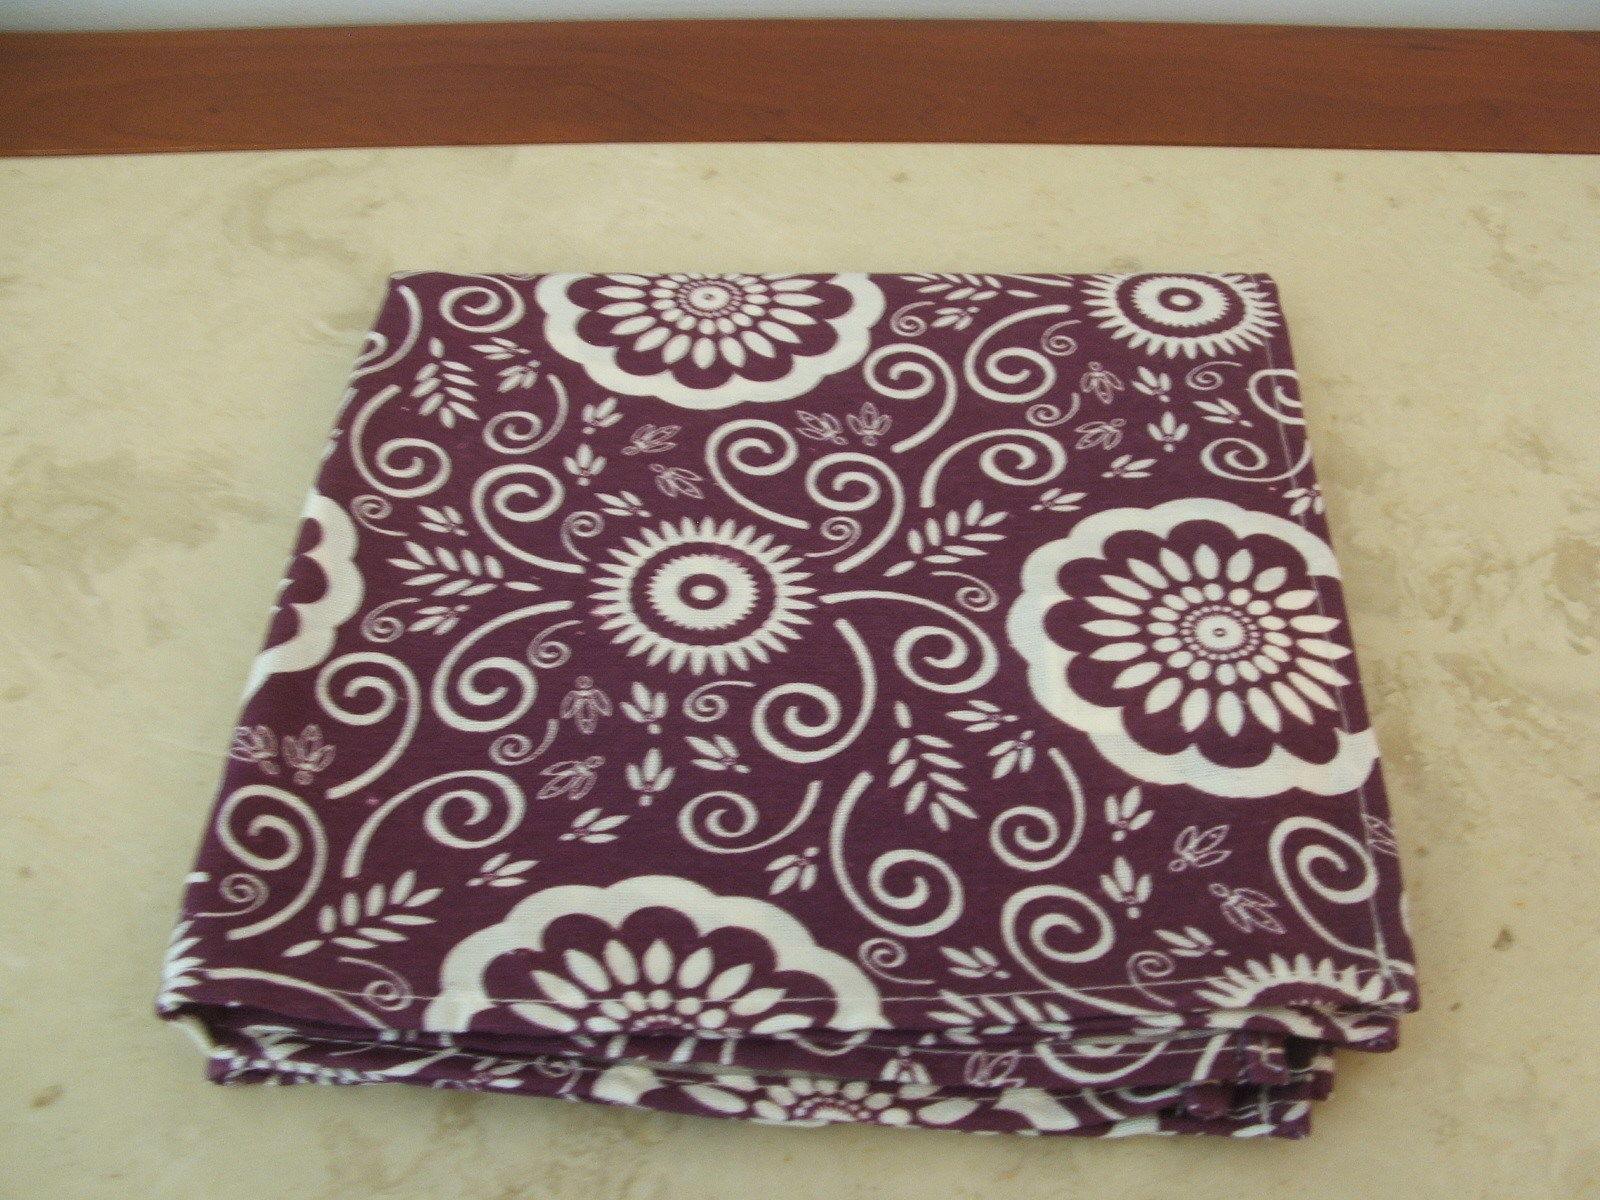 BARCELONA Purple  $ 28.99  Cloth Napkins Set 4  by J. C. Penny Home